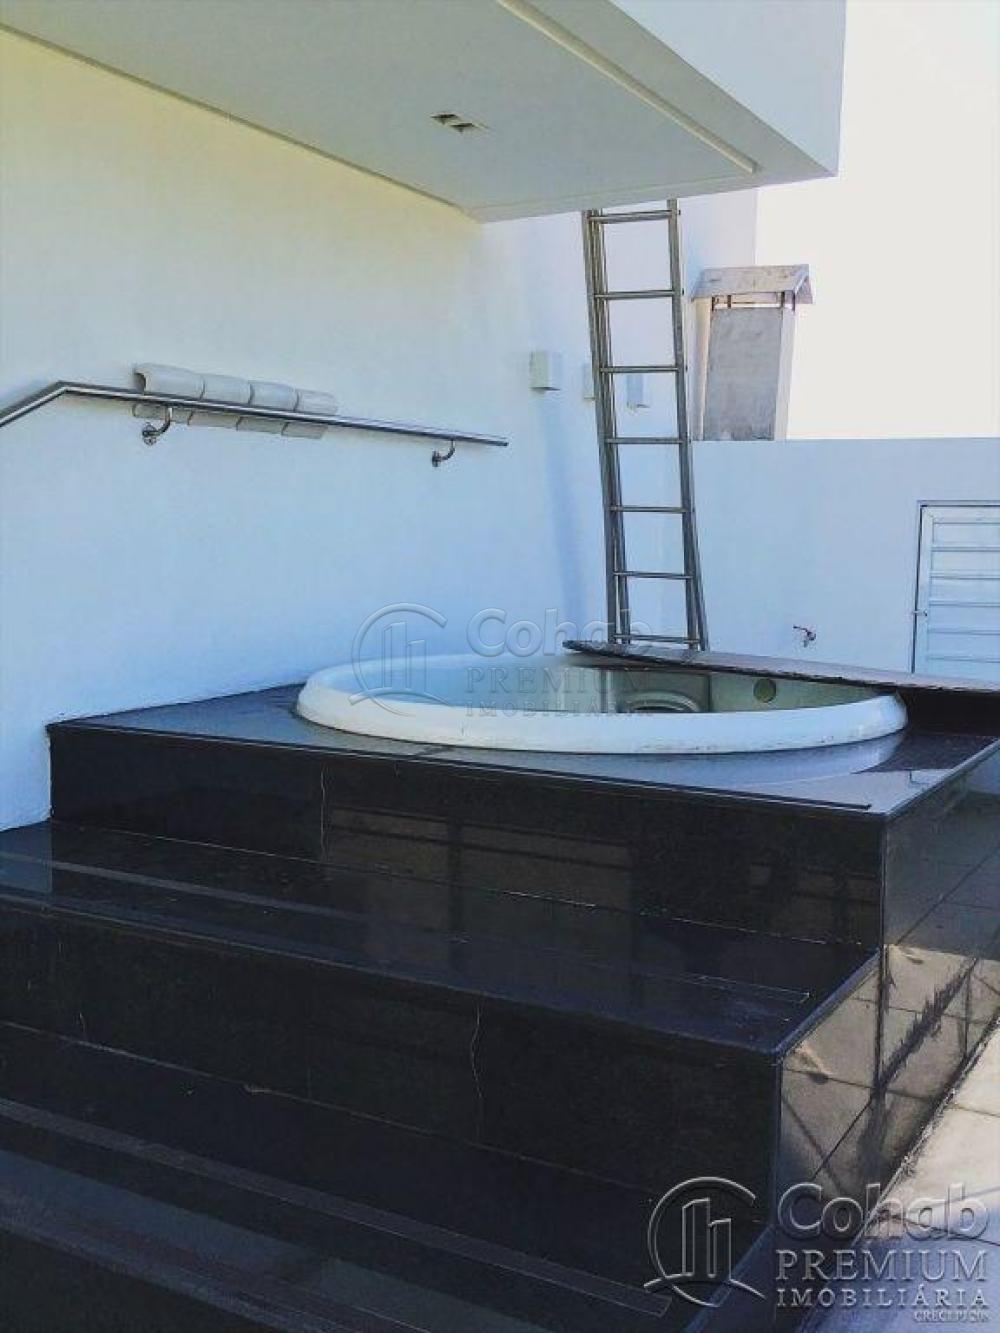 Comprar Casa / Condomínio em Aracaju apenas R$ 2.250.000,00 - Foto 14